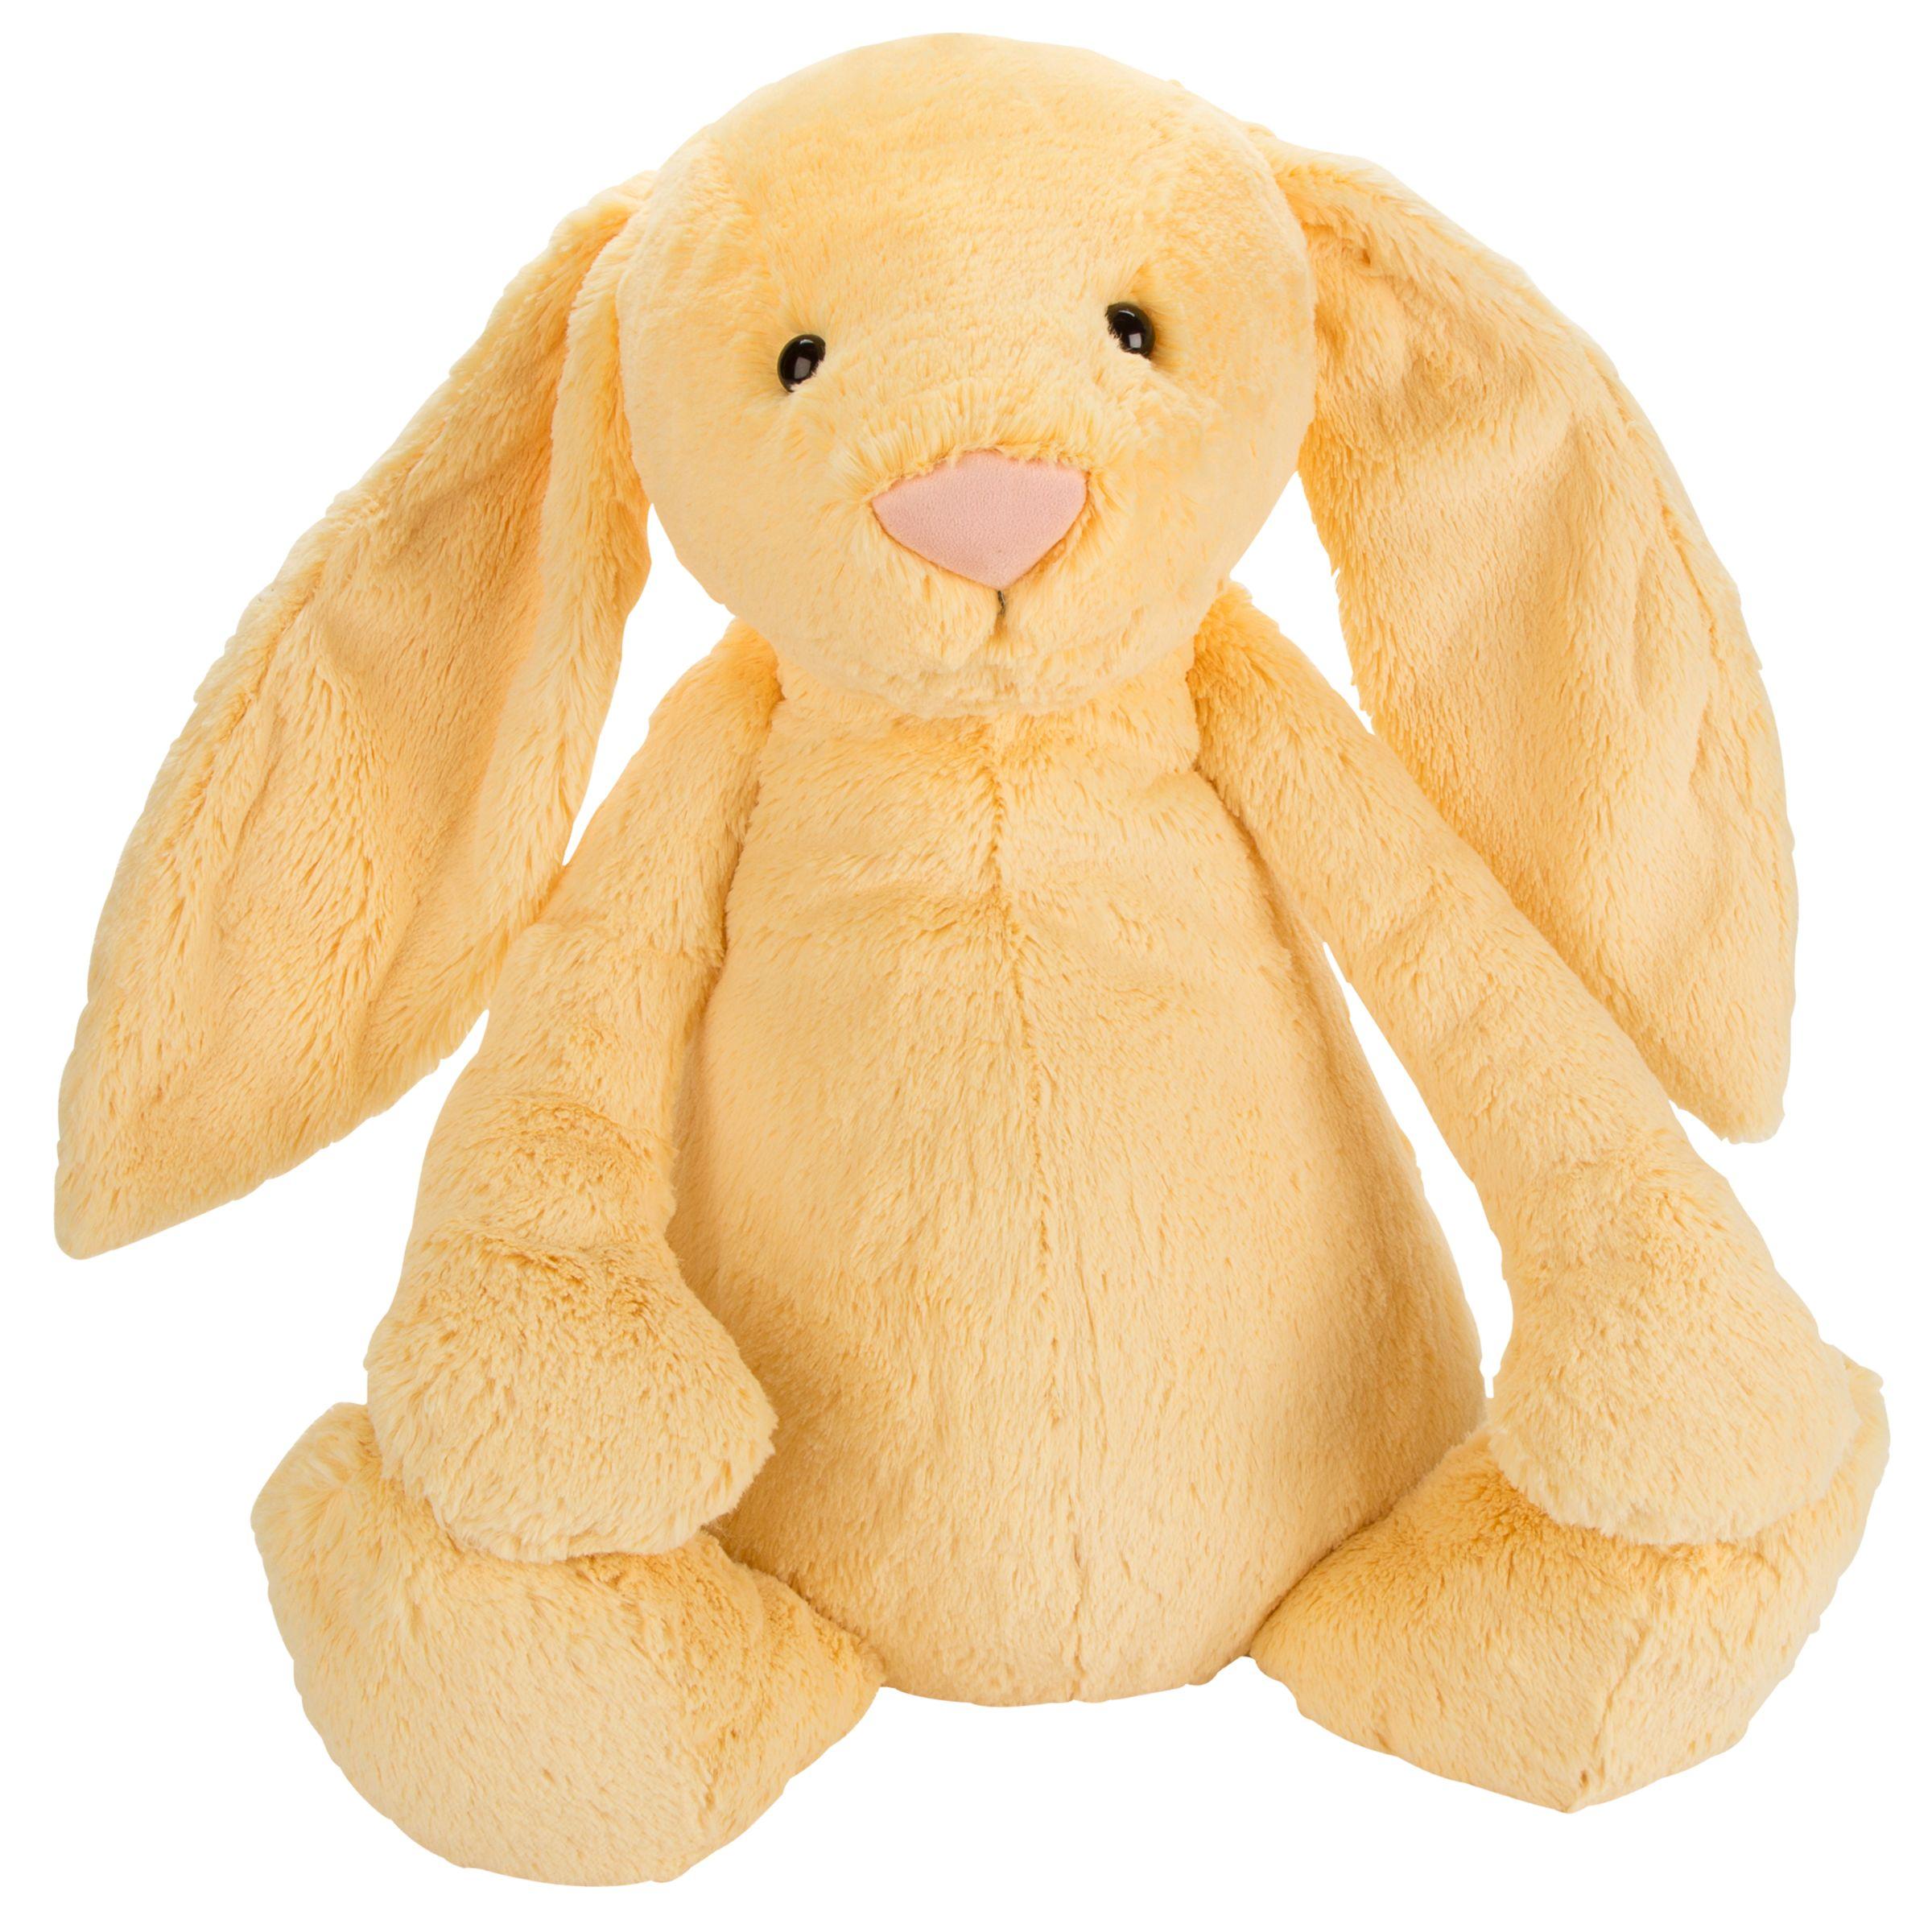 Jellycat Jellycat Bashful Bunny Soft Toy, Extra Large